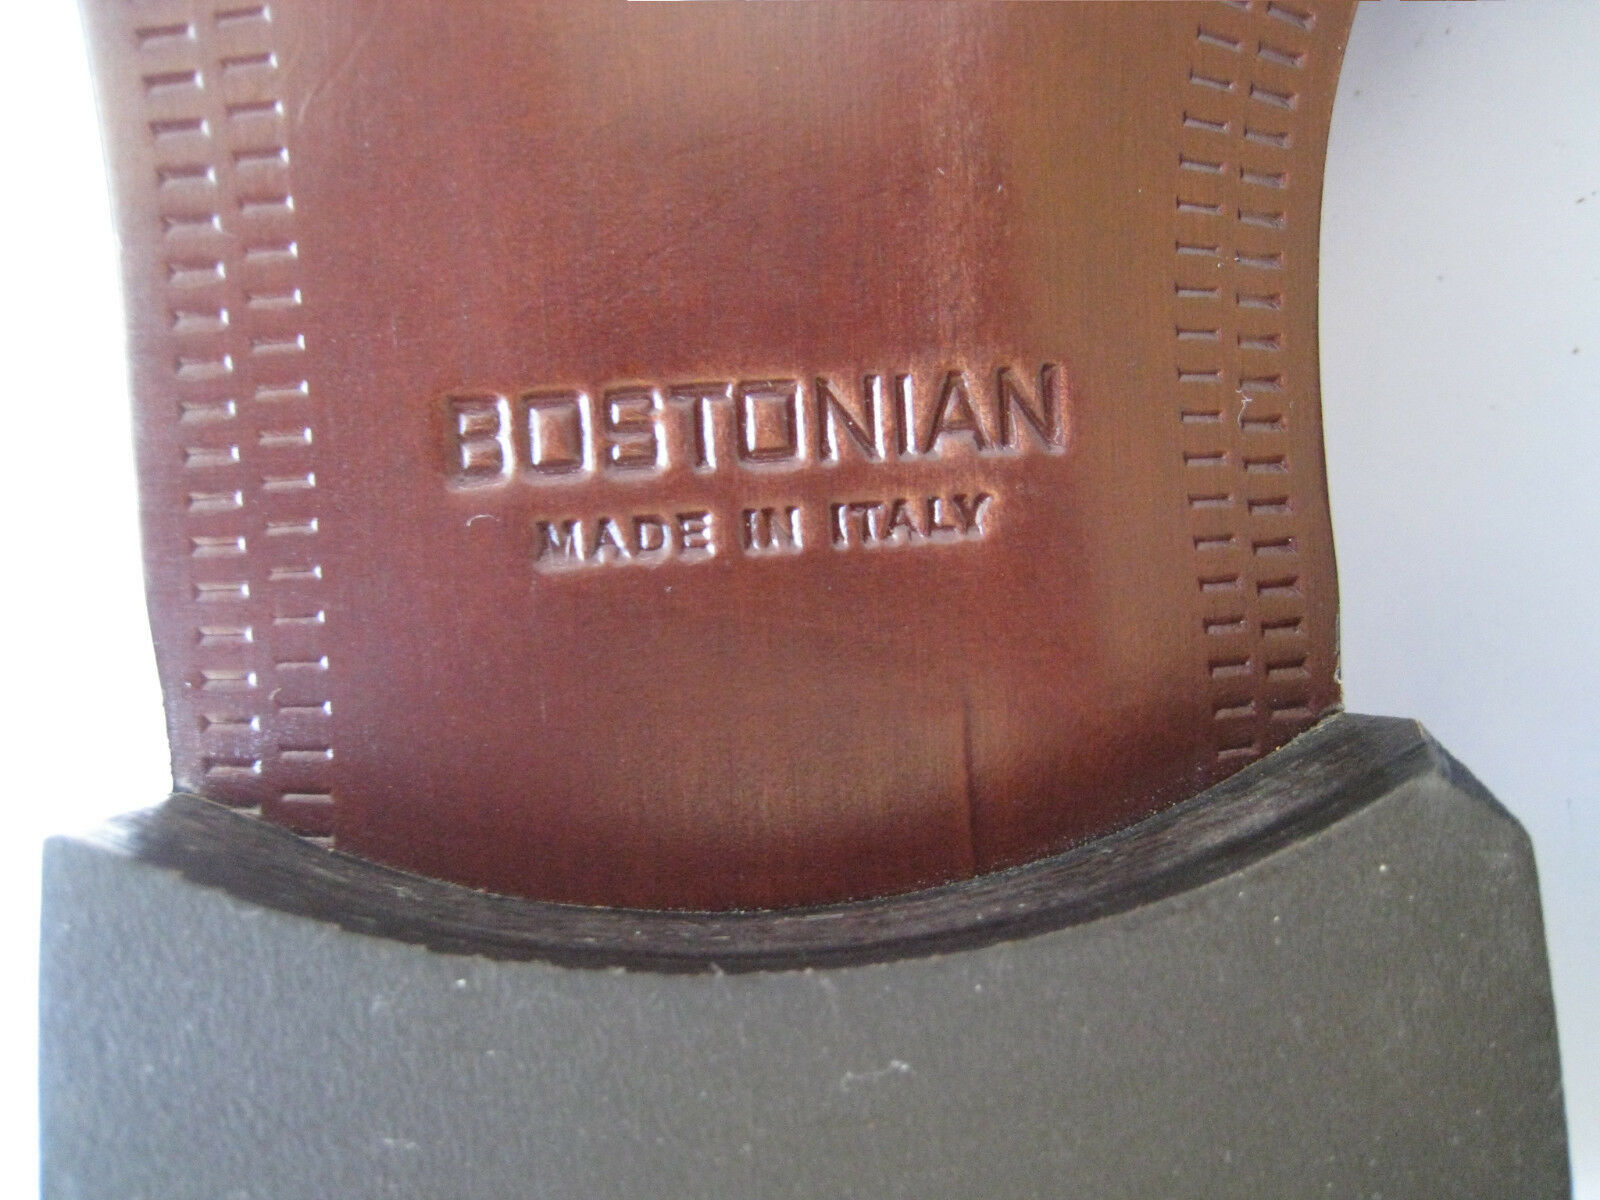 Bostonian Vestido Negro De Cuero Negro Vestido puntera Oxford tamaño nos 11.5 Nuevo  Hecho en Italia 069bec